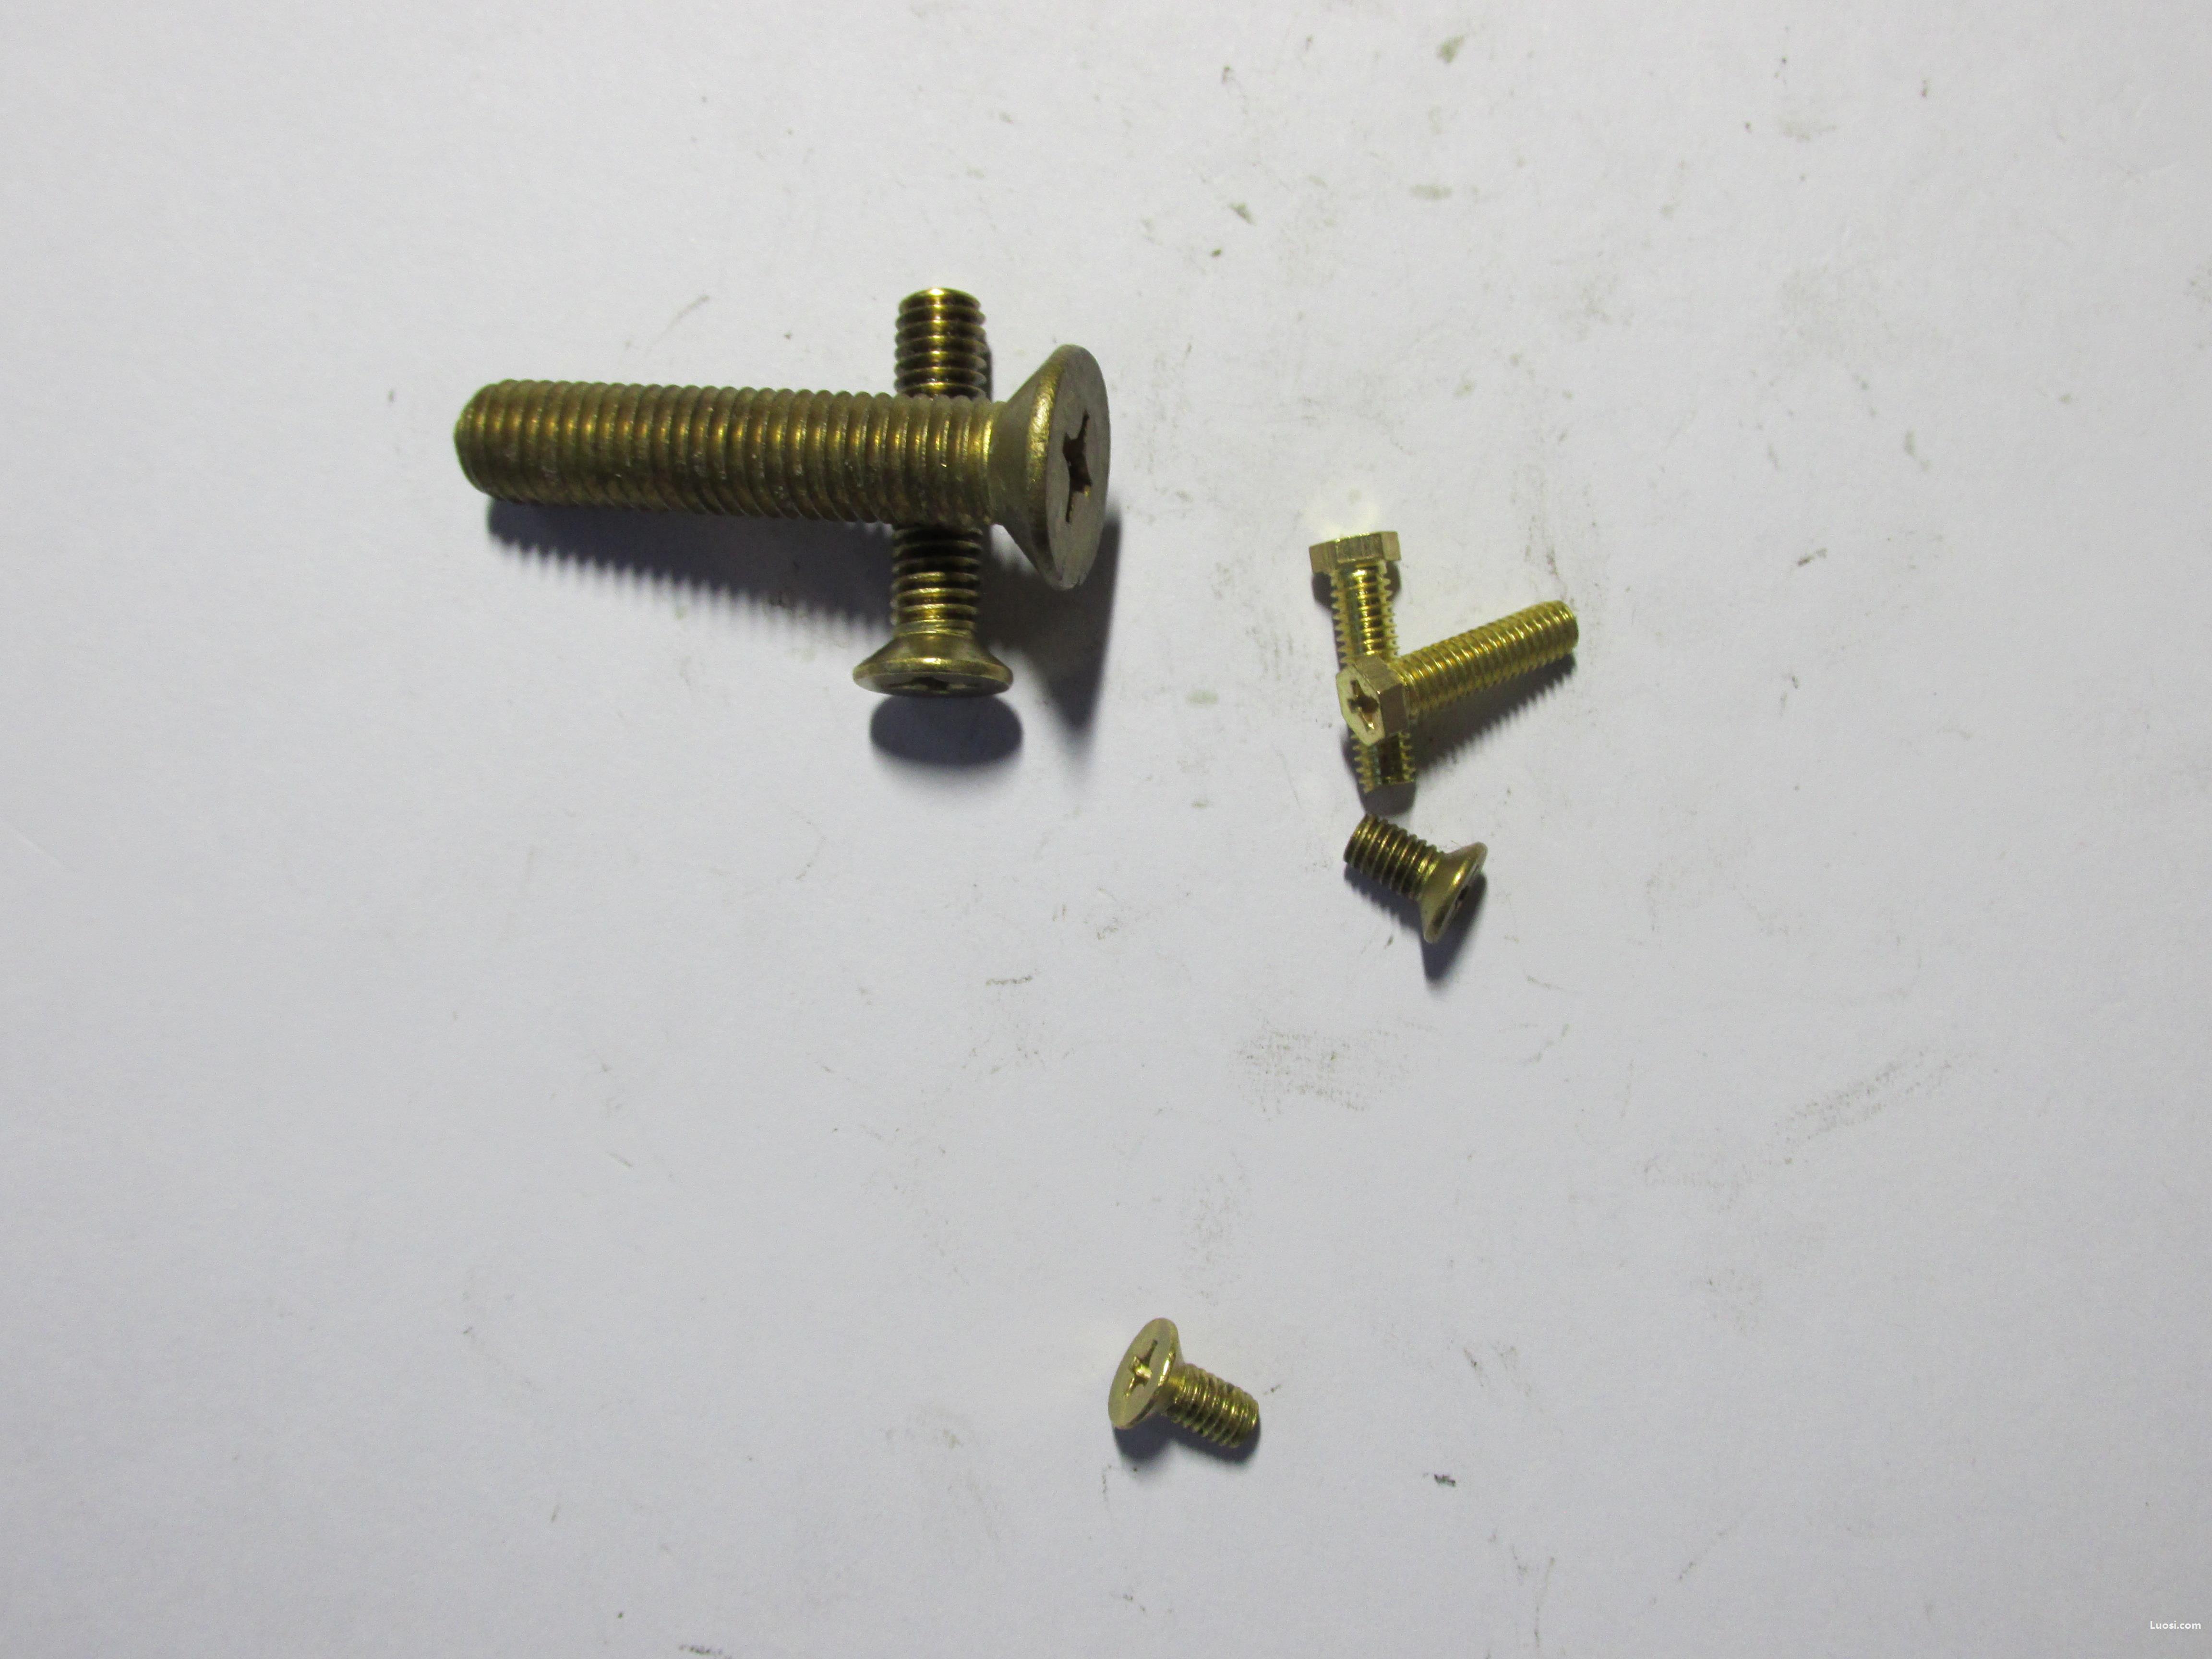 专业生产GB 819铜 十字槽沉头螺钉(H型槽)1000只批订,量大价优。